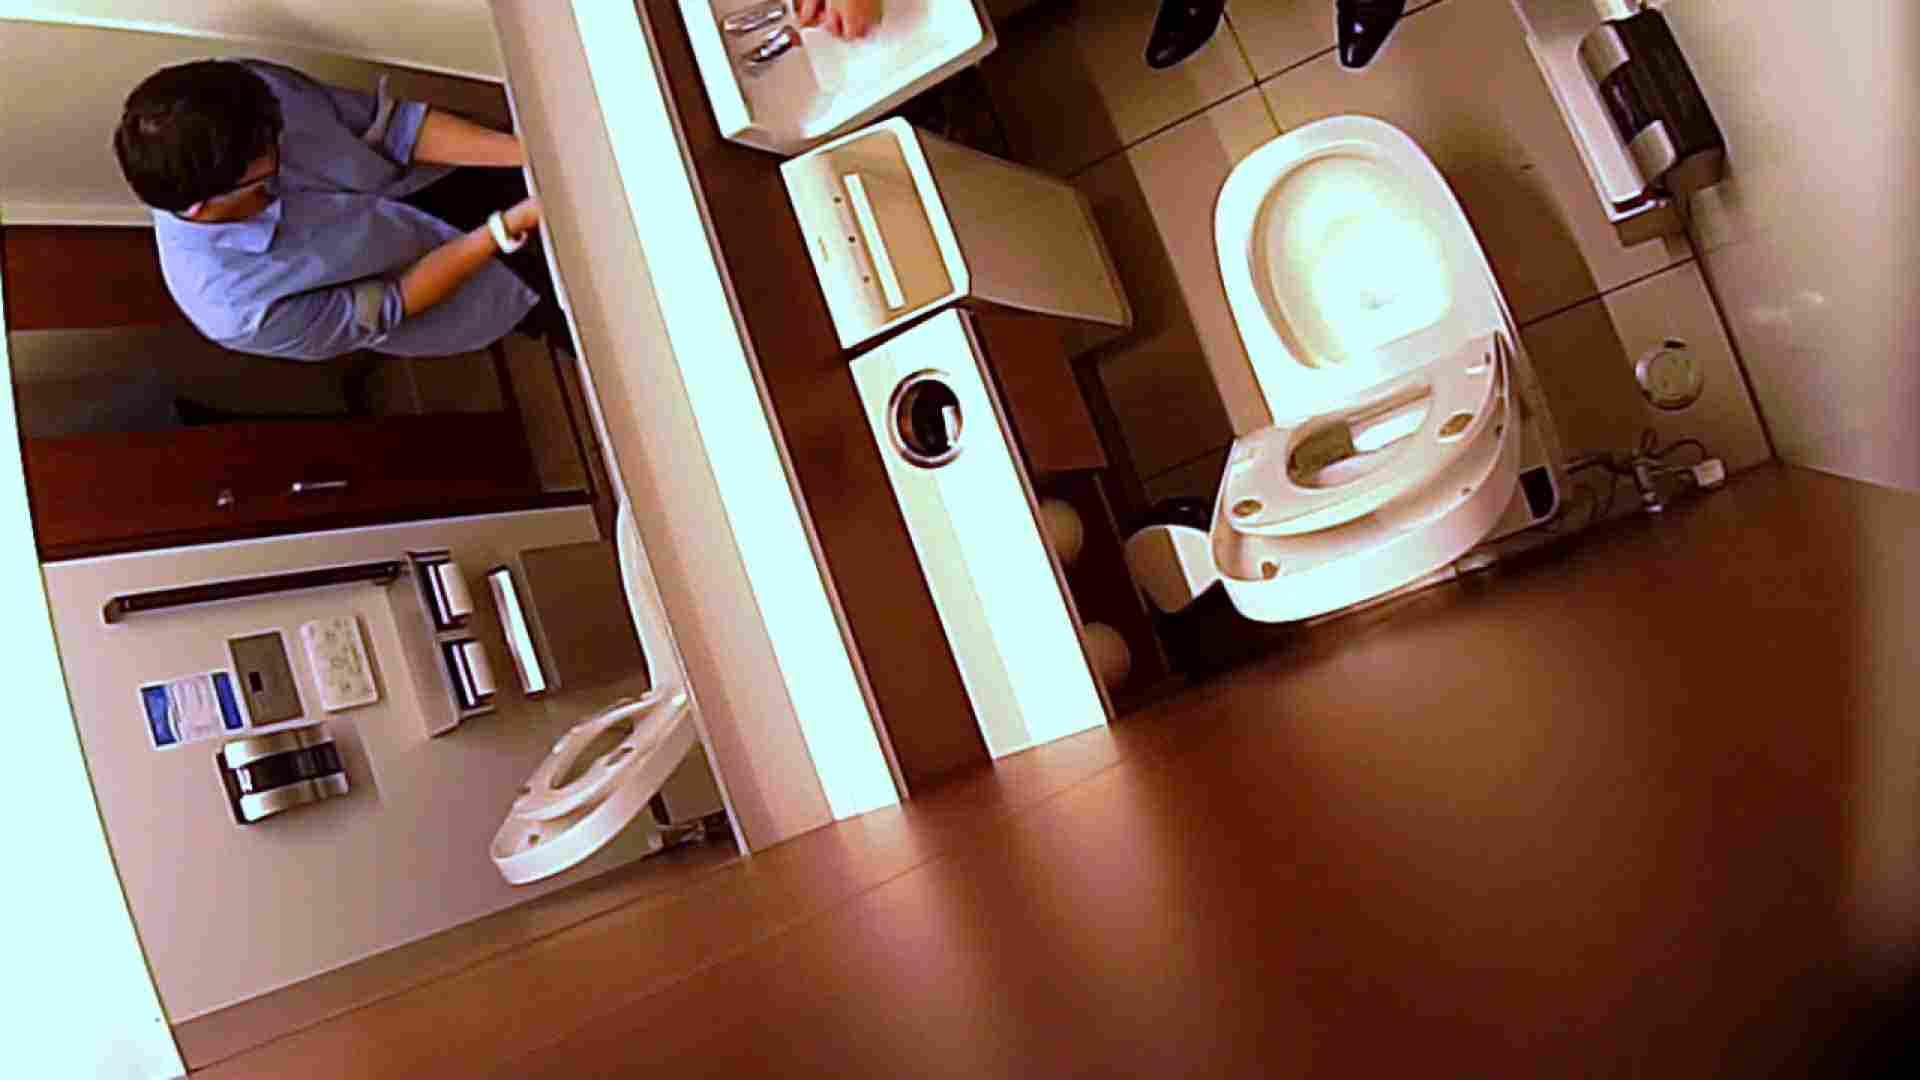 すみませんが覗かせてください Vol.31 トイレ | 0  94pic 55